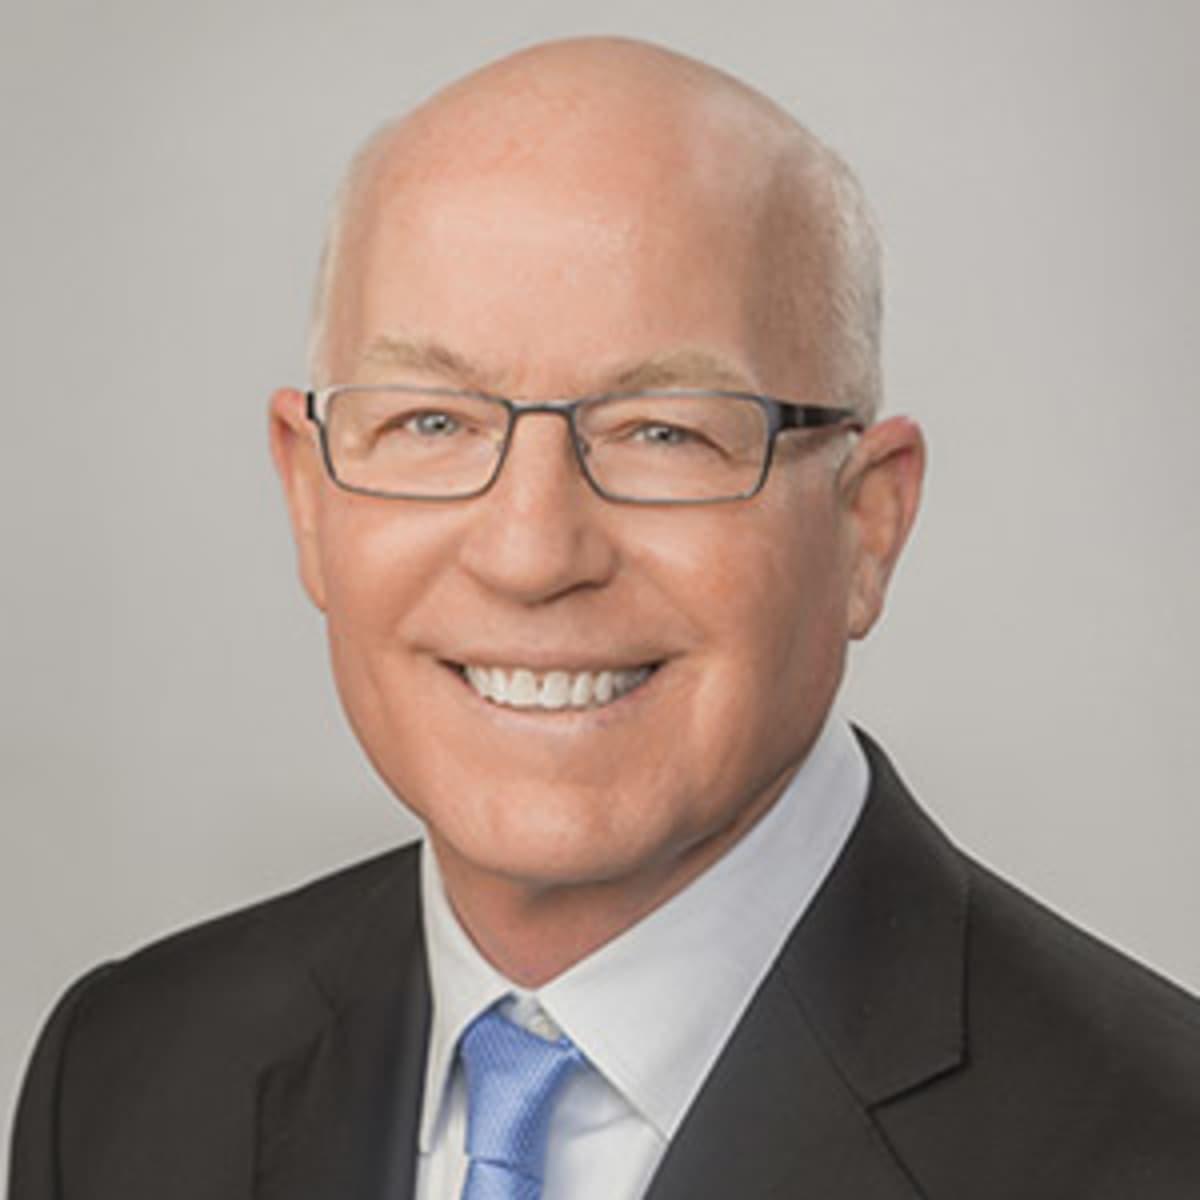 Dr michael michel dds topeka ks general dentist for Jimmy michel motors aurora missouri